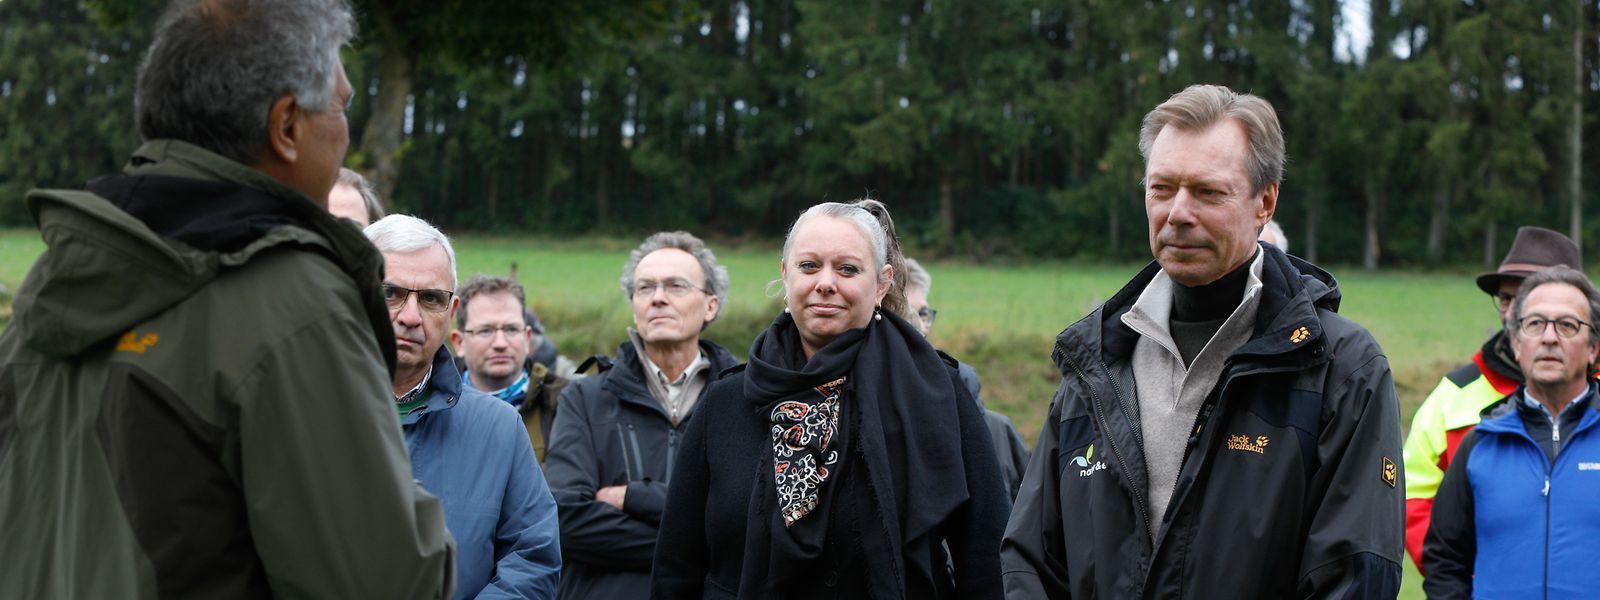 Großherzog Henri, Ministerin Carole Dieschbourg und die anderen Gäste lauschten den Erklärungen der Projektmitarbeiter.